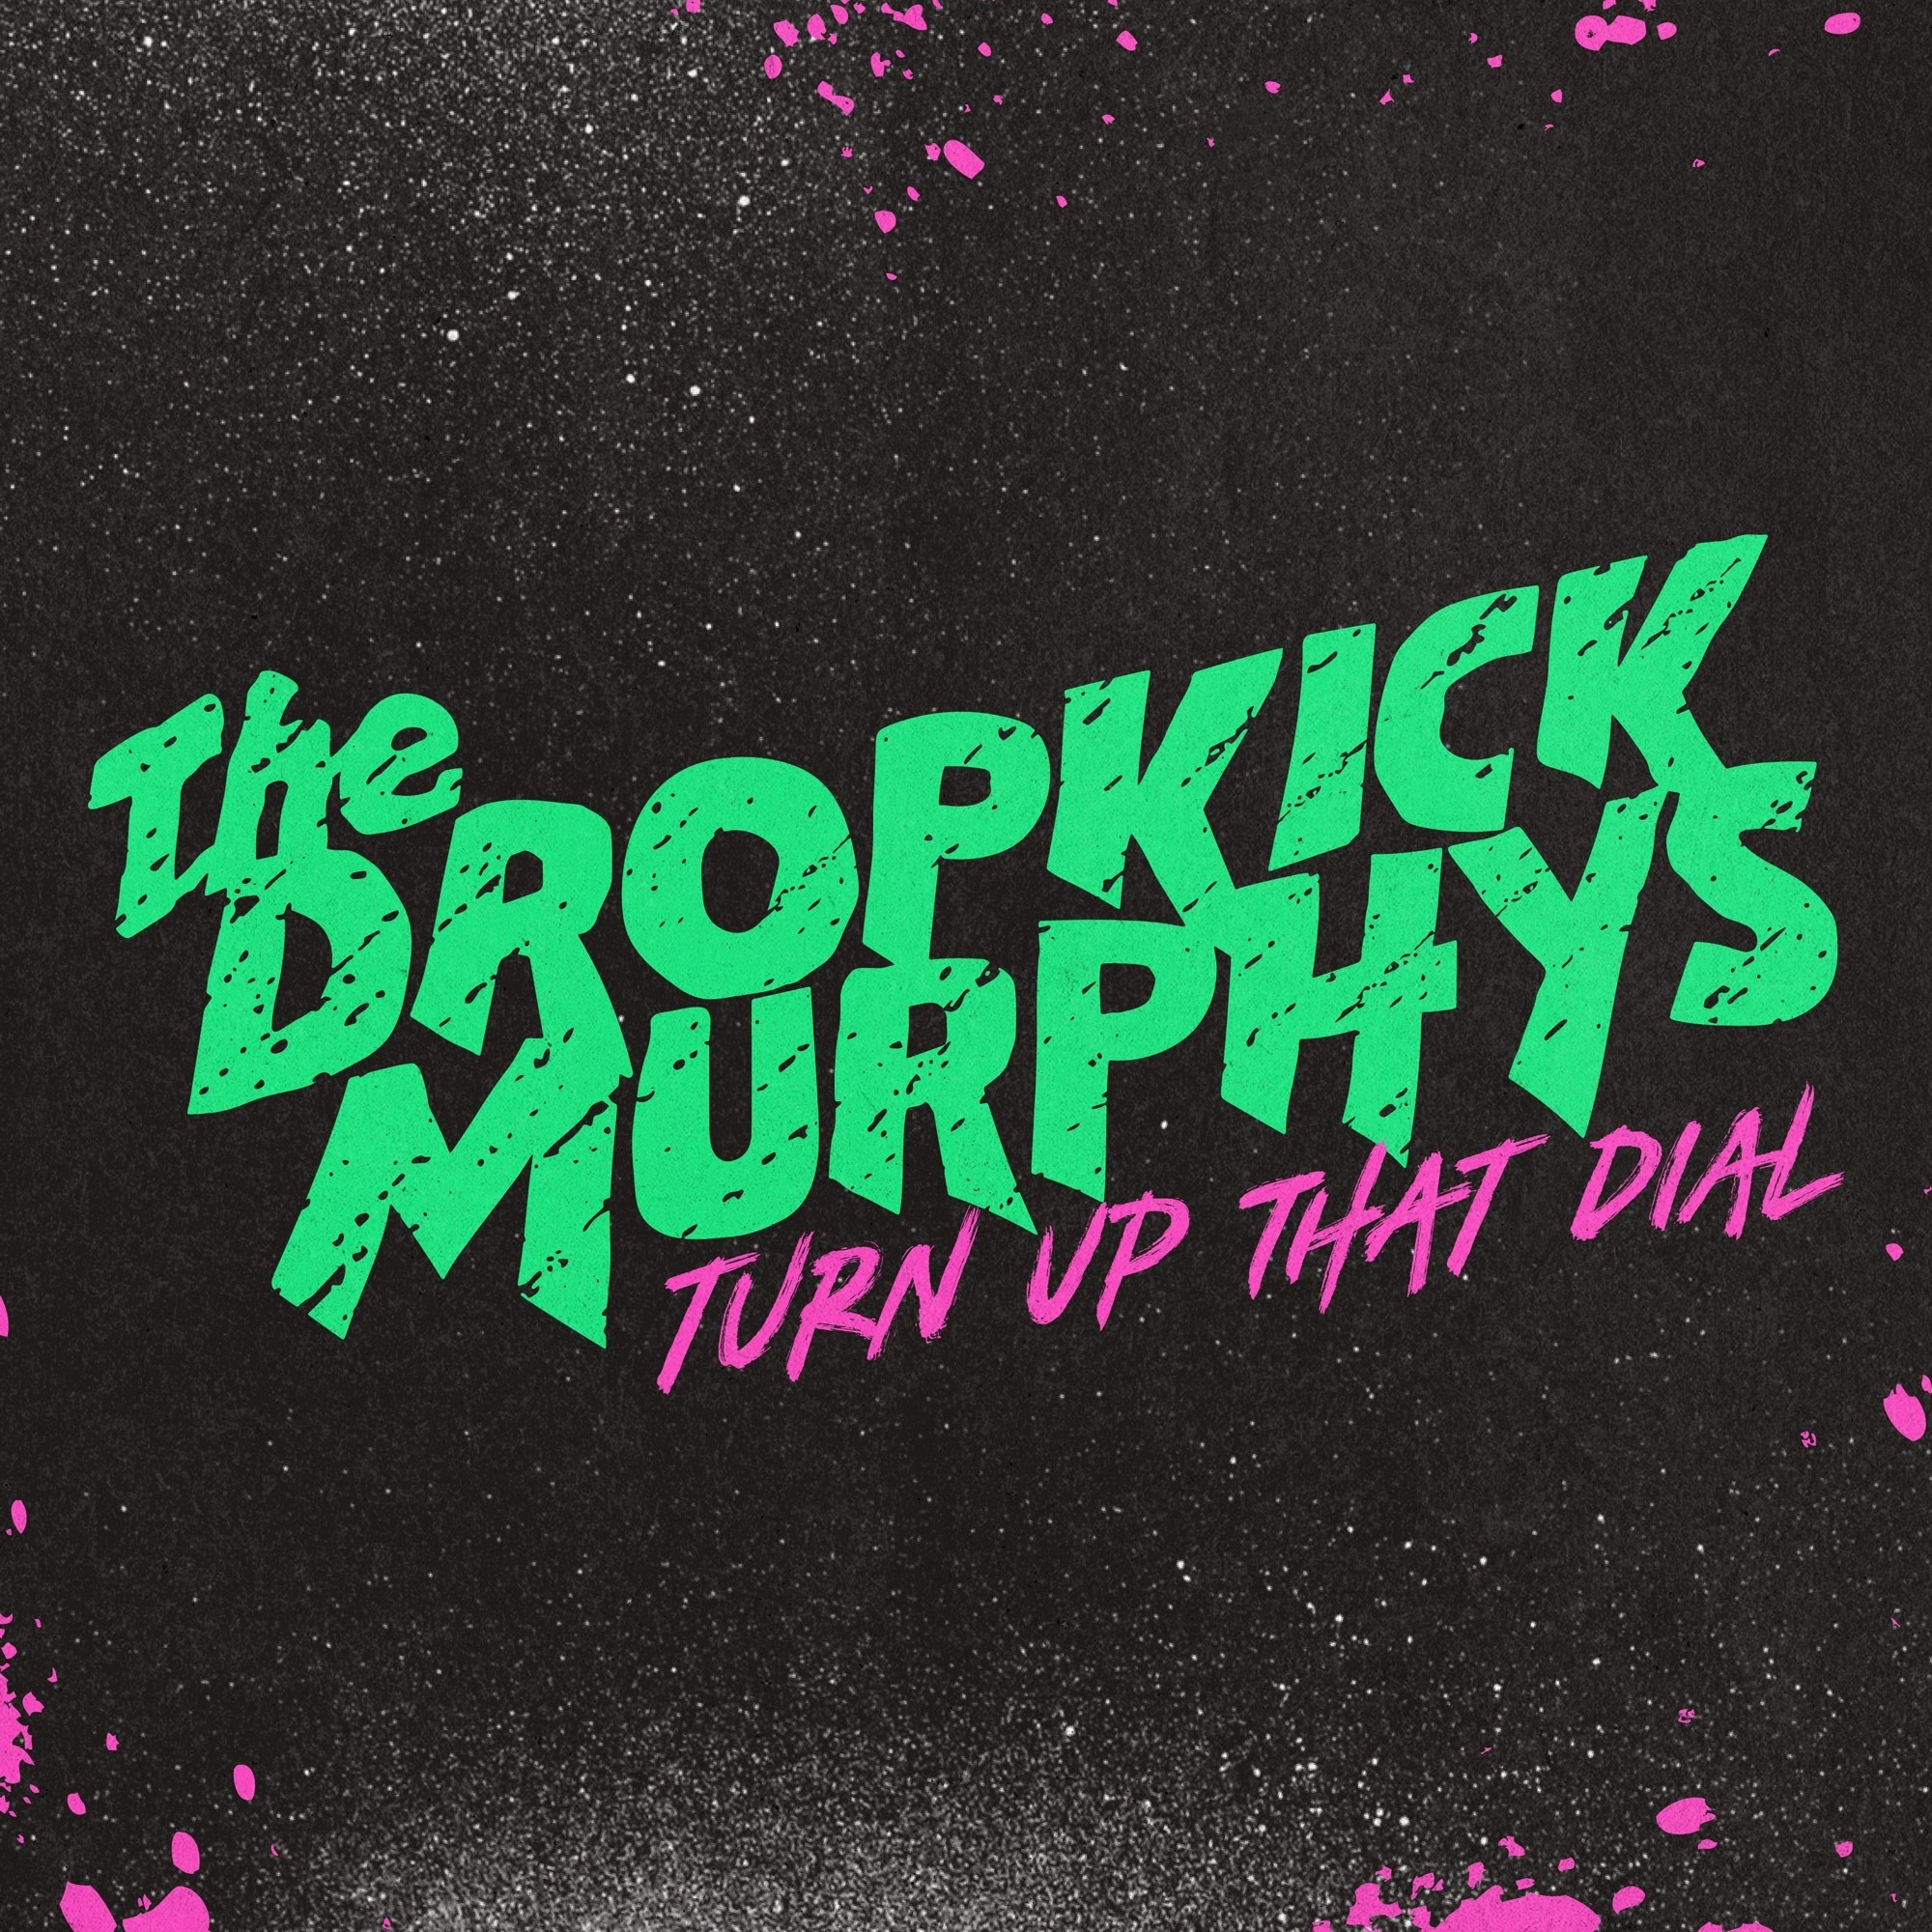 DROPKICK MURPHYS annonce enfin son nouvel album ! (4)-001